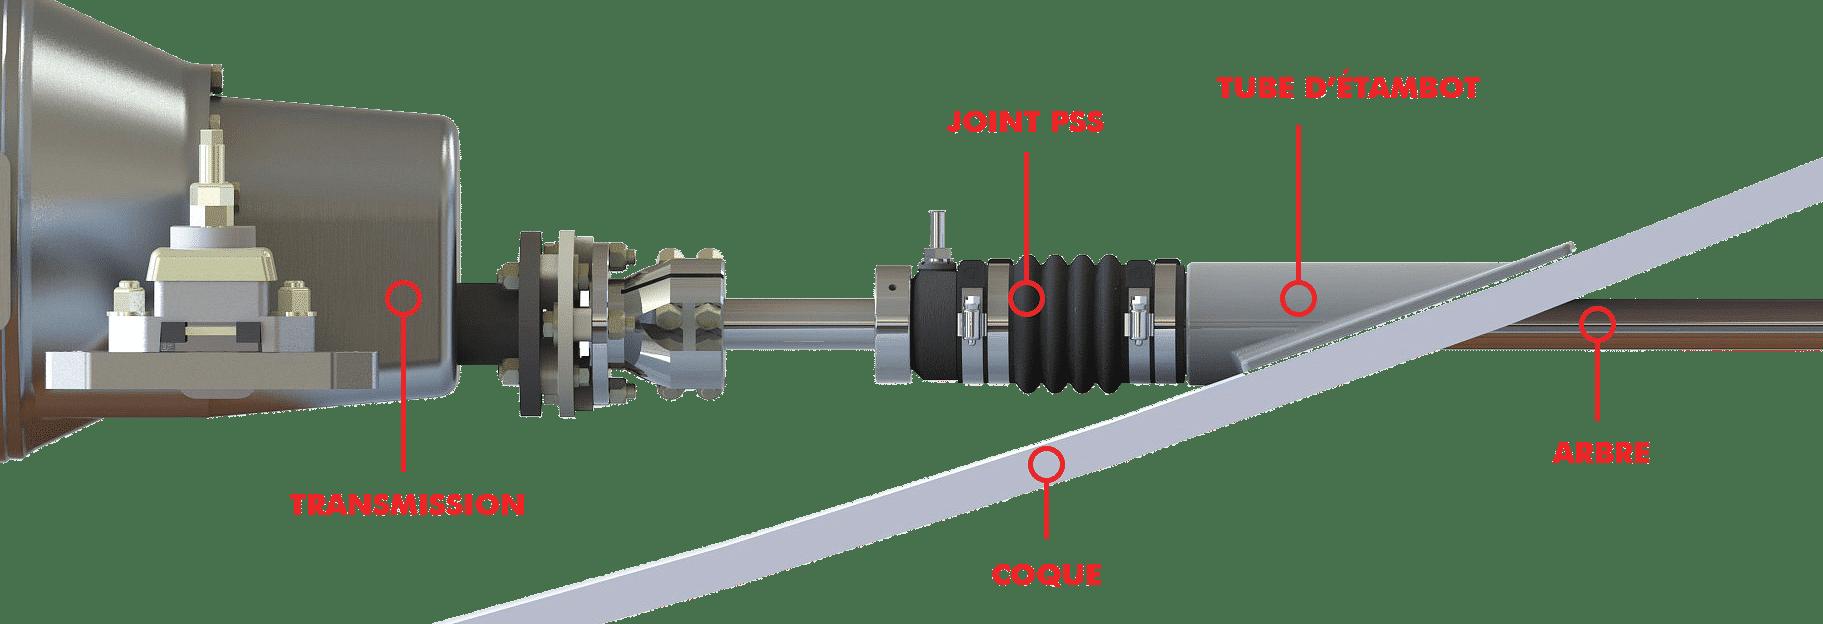 Fonctionnement des joints mécanique PSS